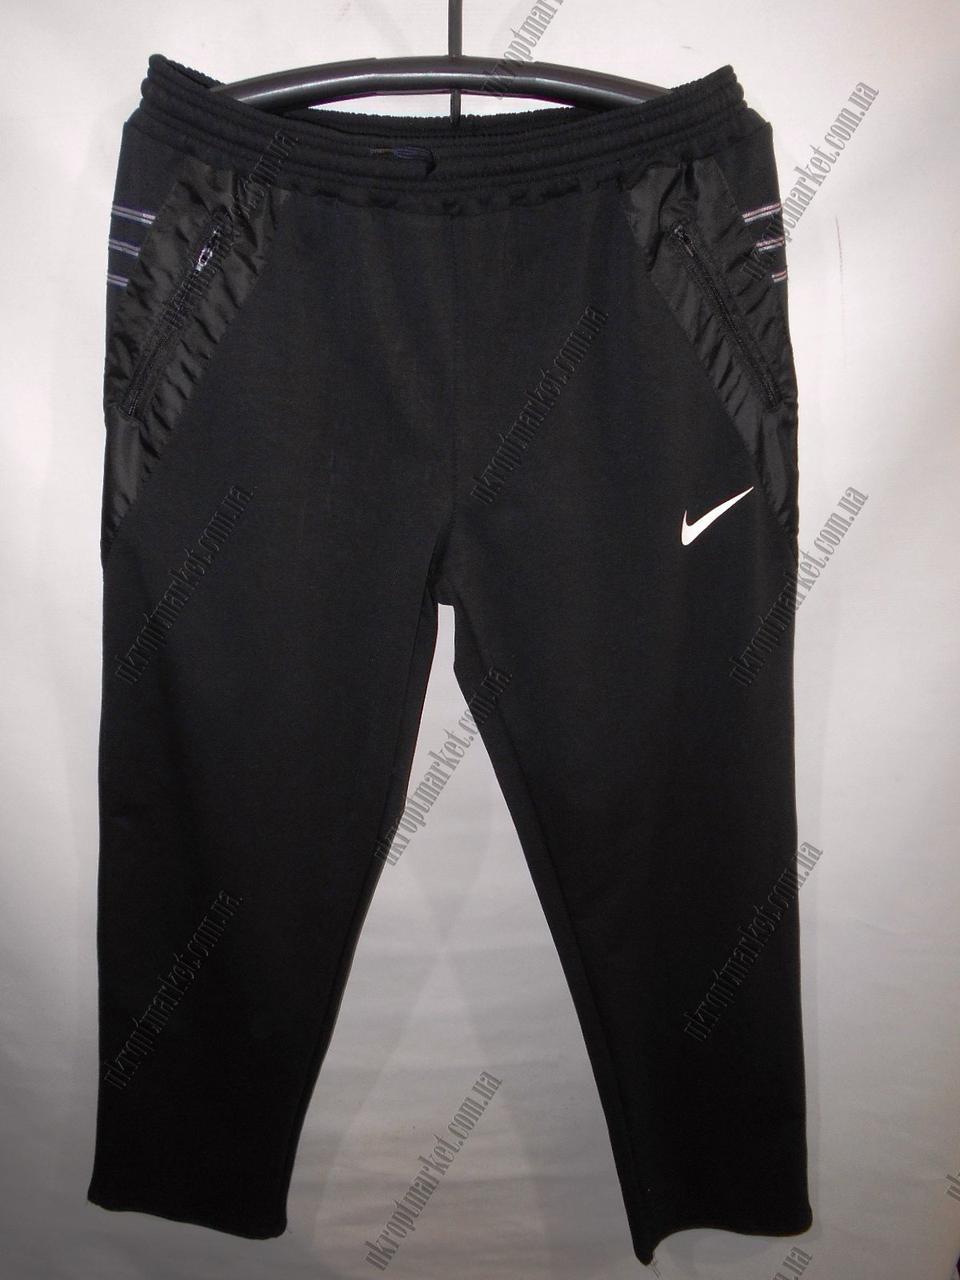 b35ec5b2da1 Мужские спортивные штаны БАТАЛ